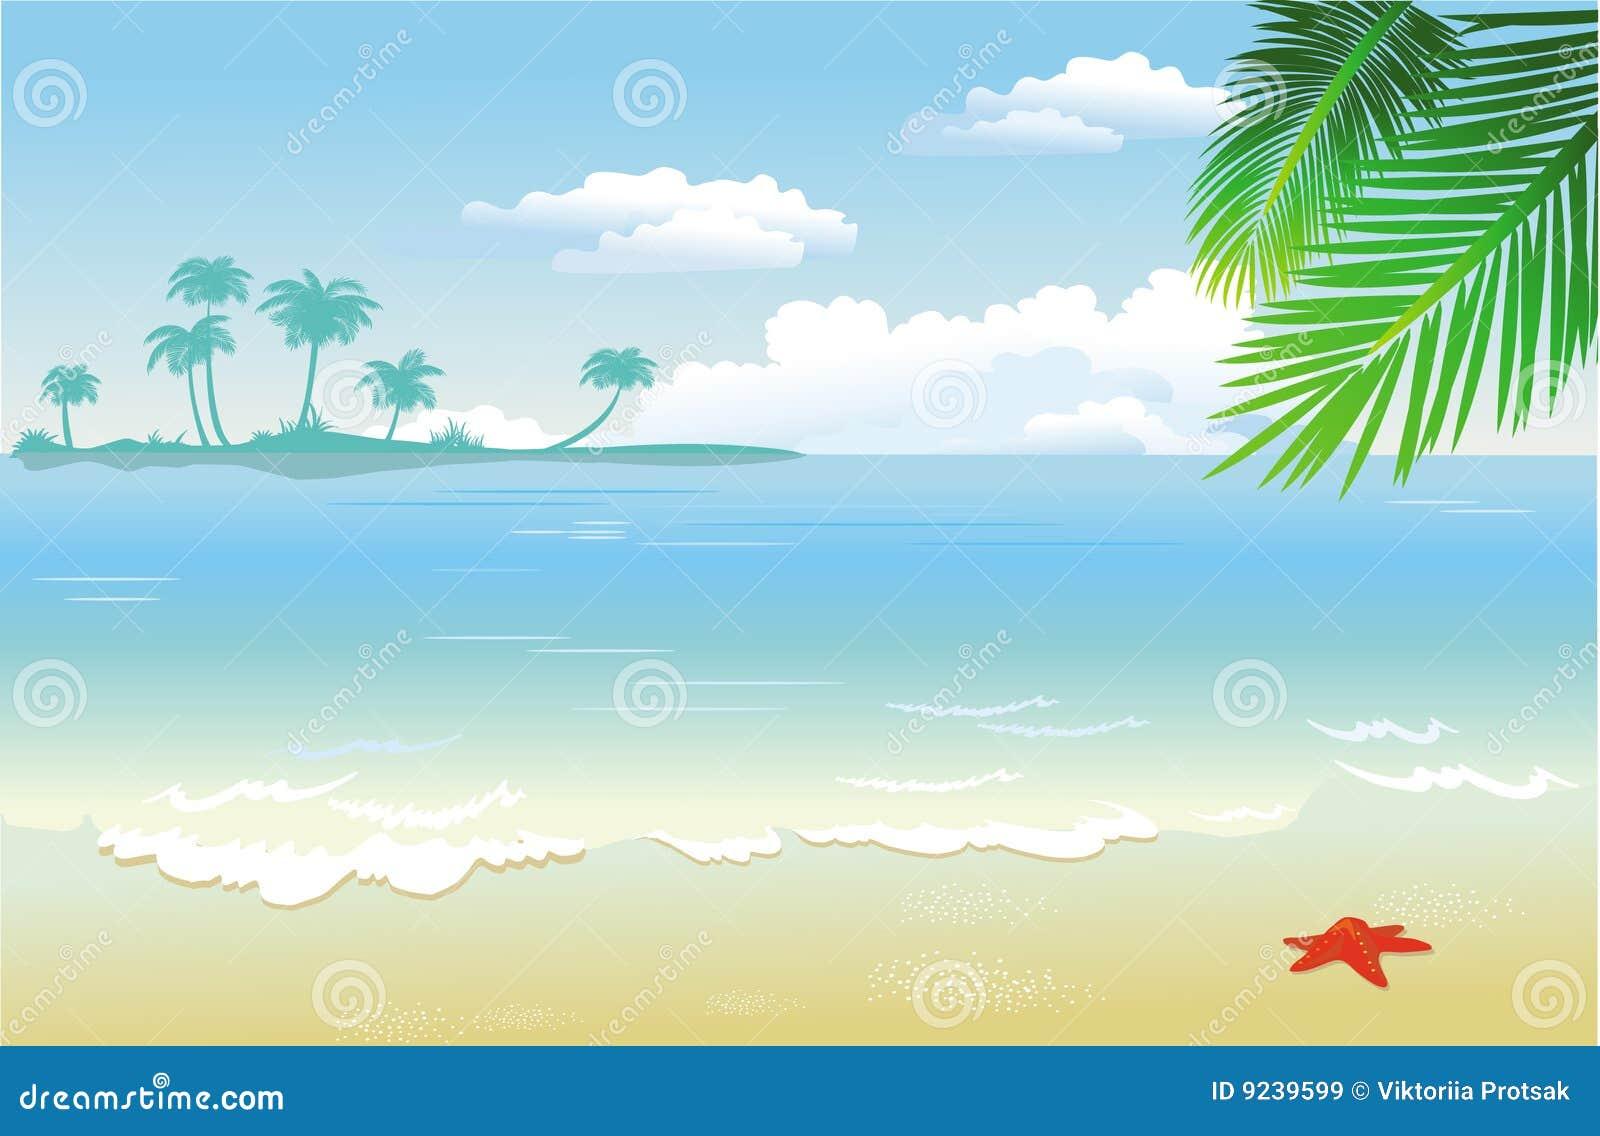 海滩夏令时